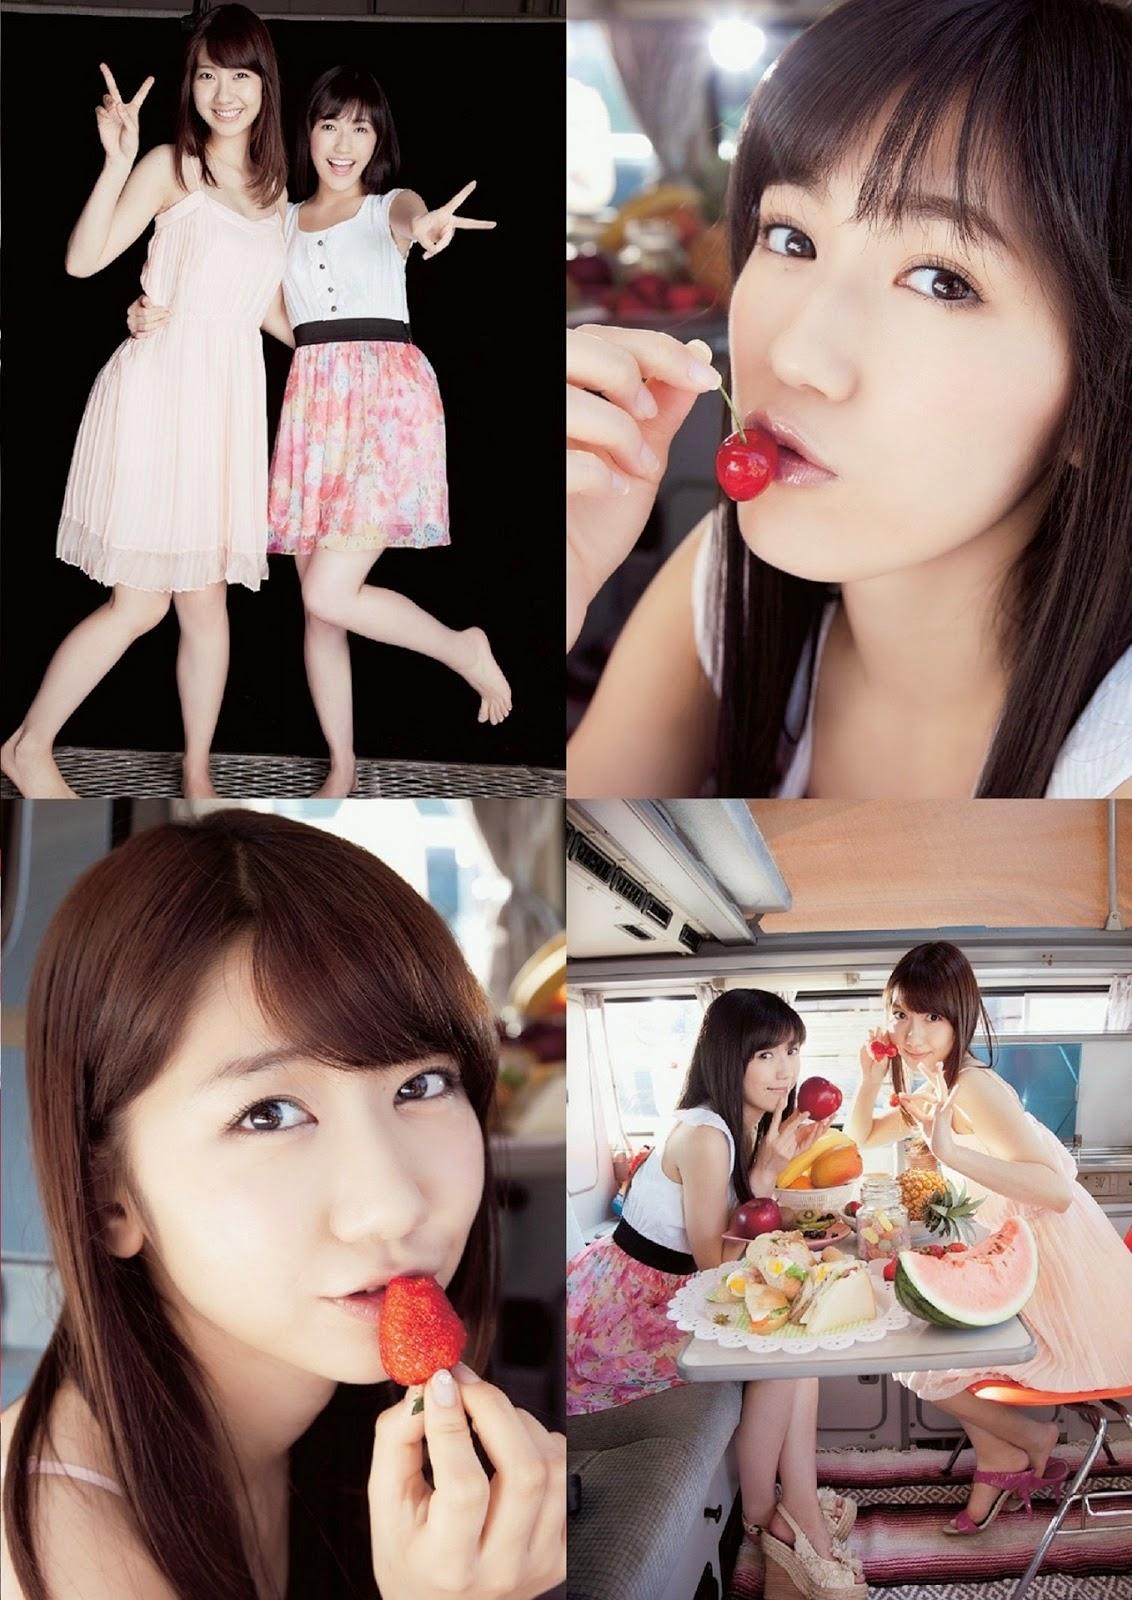 Watanabe Mayu 渡辺麻友 Kashiwagi Yuki 柏木由紀 Weekly Playboy May 2014 Photos 2